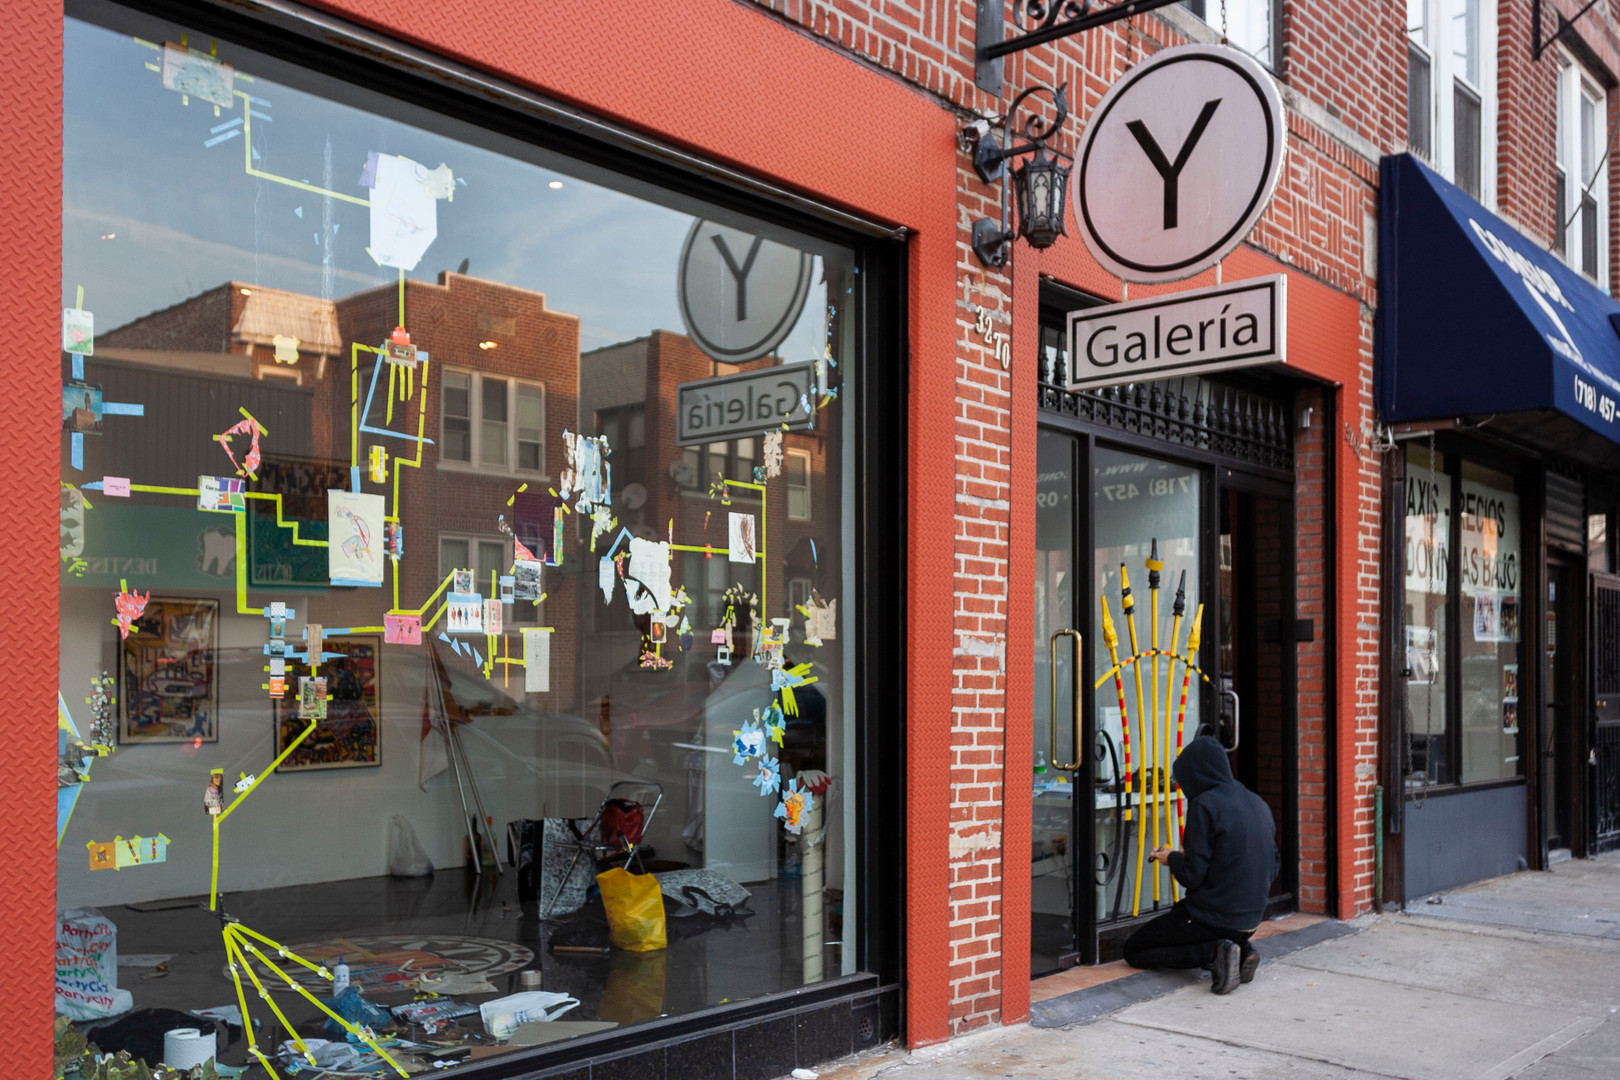 El tigre Celeste, Y Gallery, NYC, March 2009.